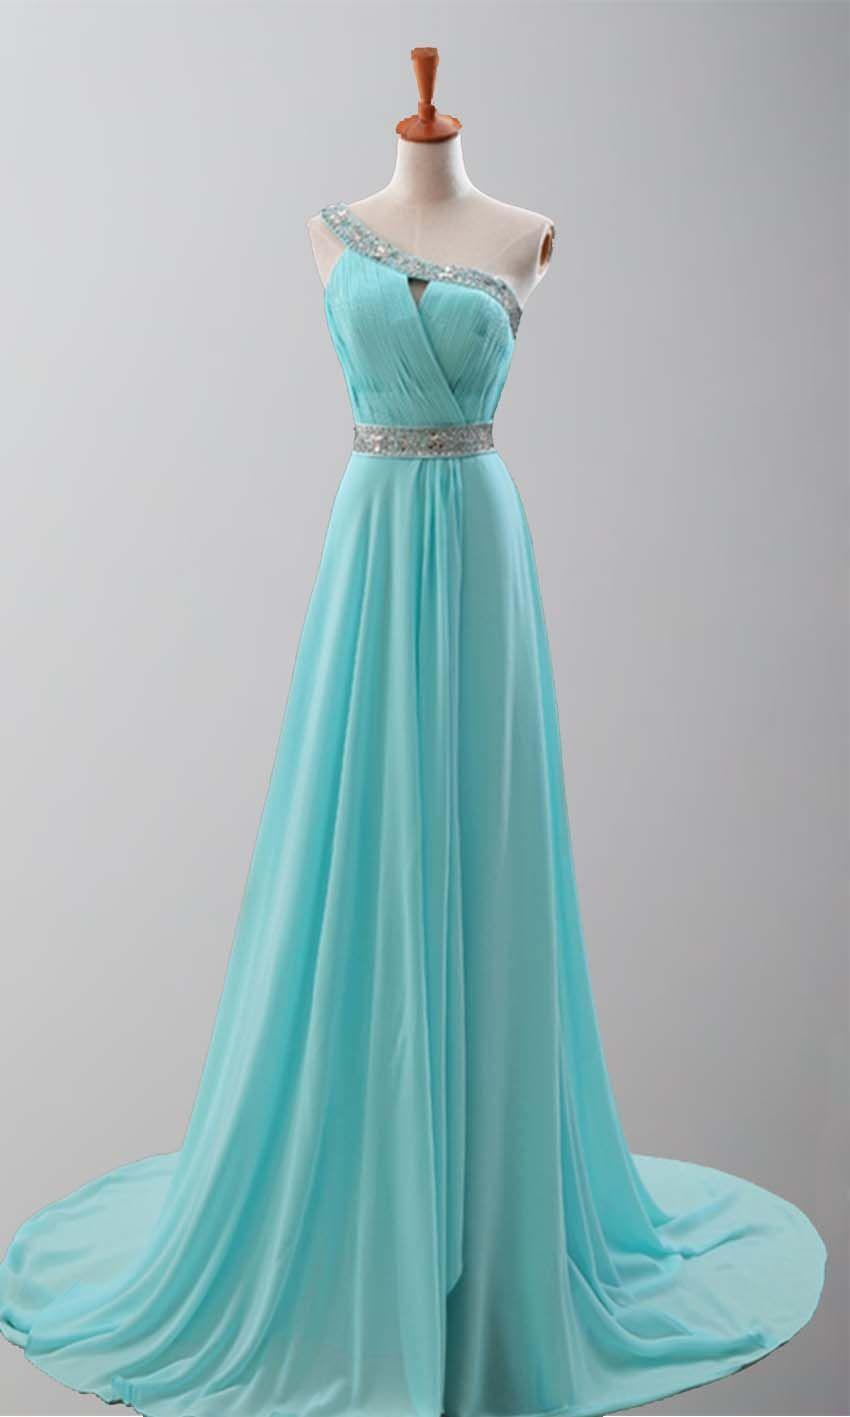 Goddess Teal Train One Shoulder Prom Dresses KSP251 | Prom Dresses ...